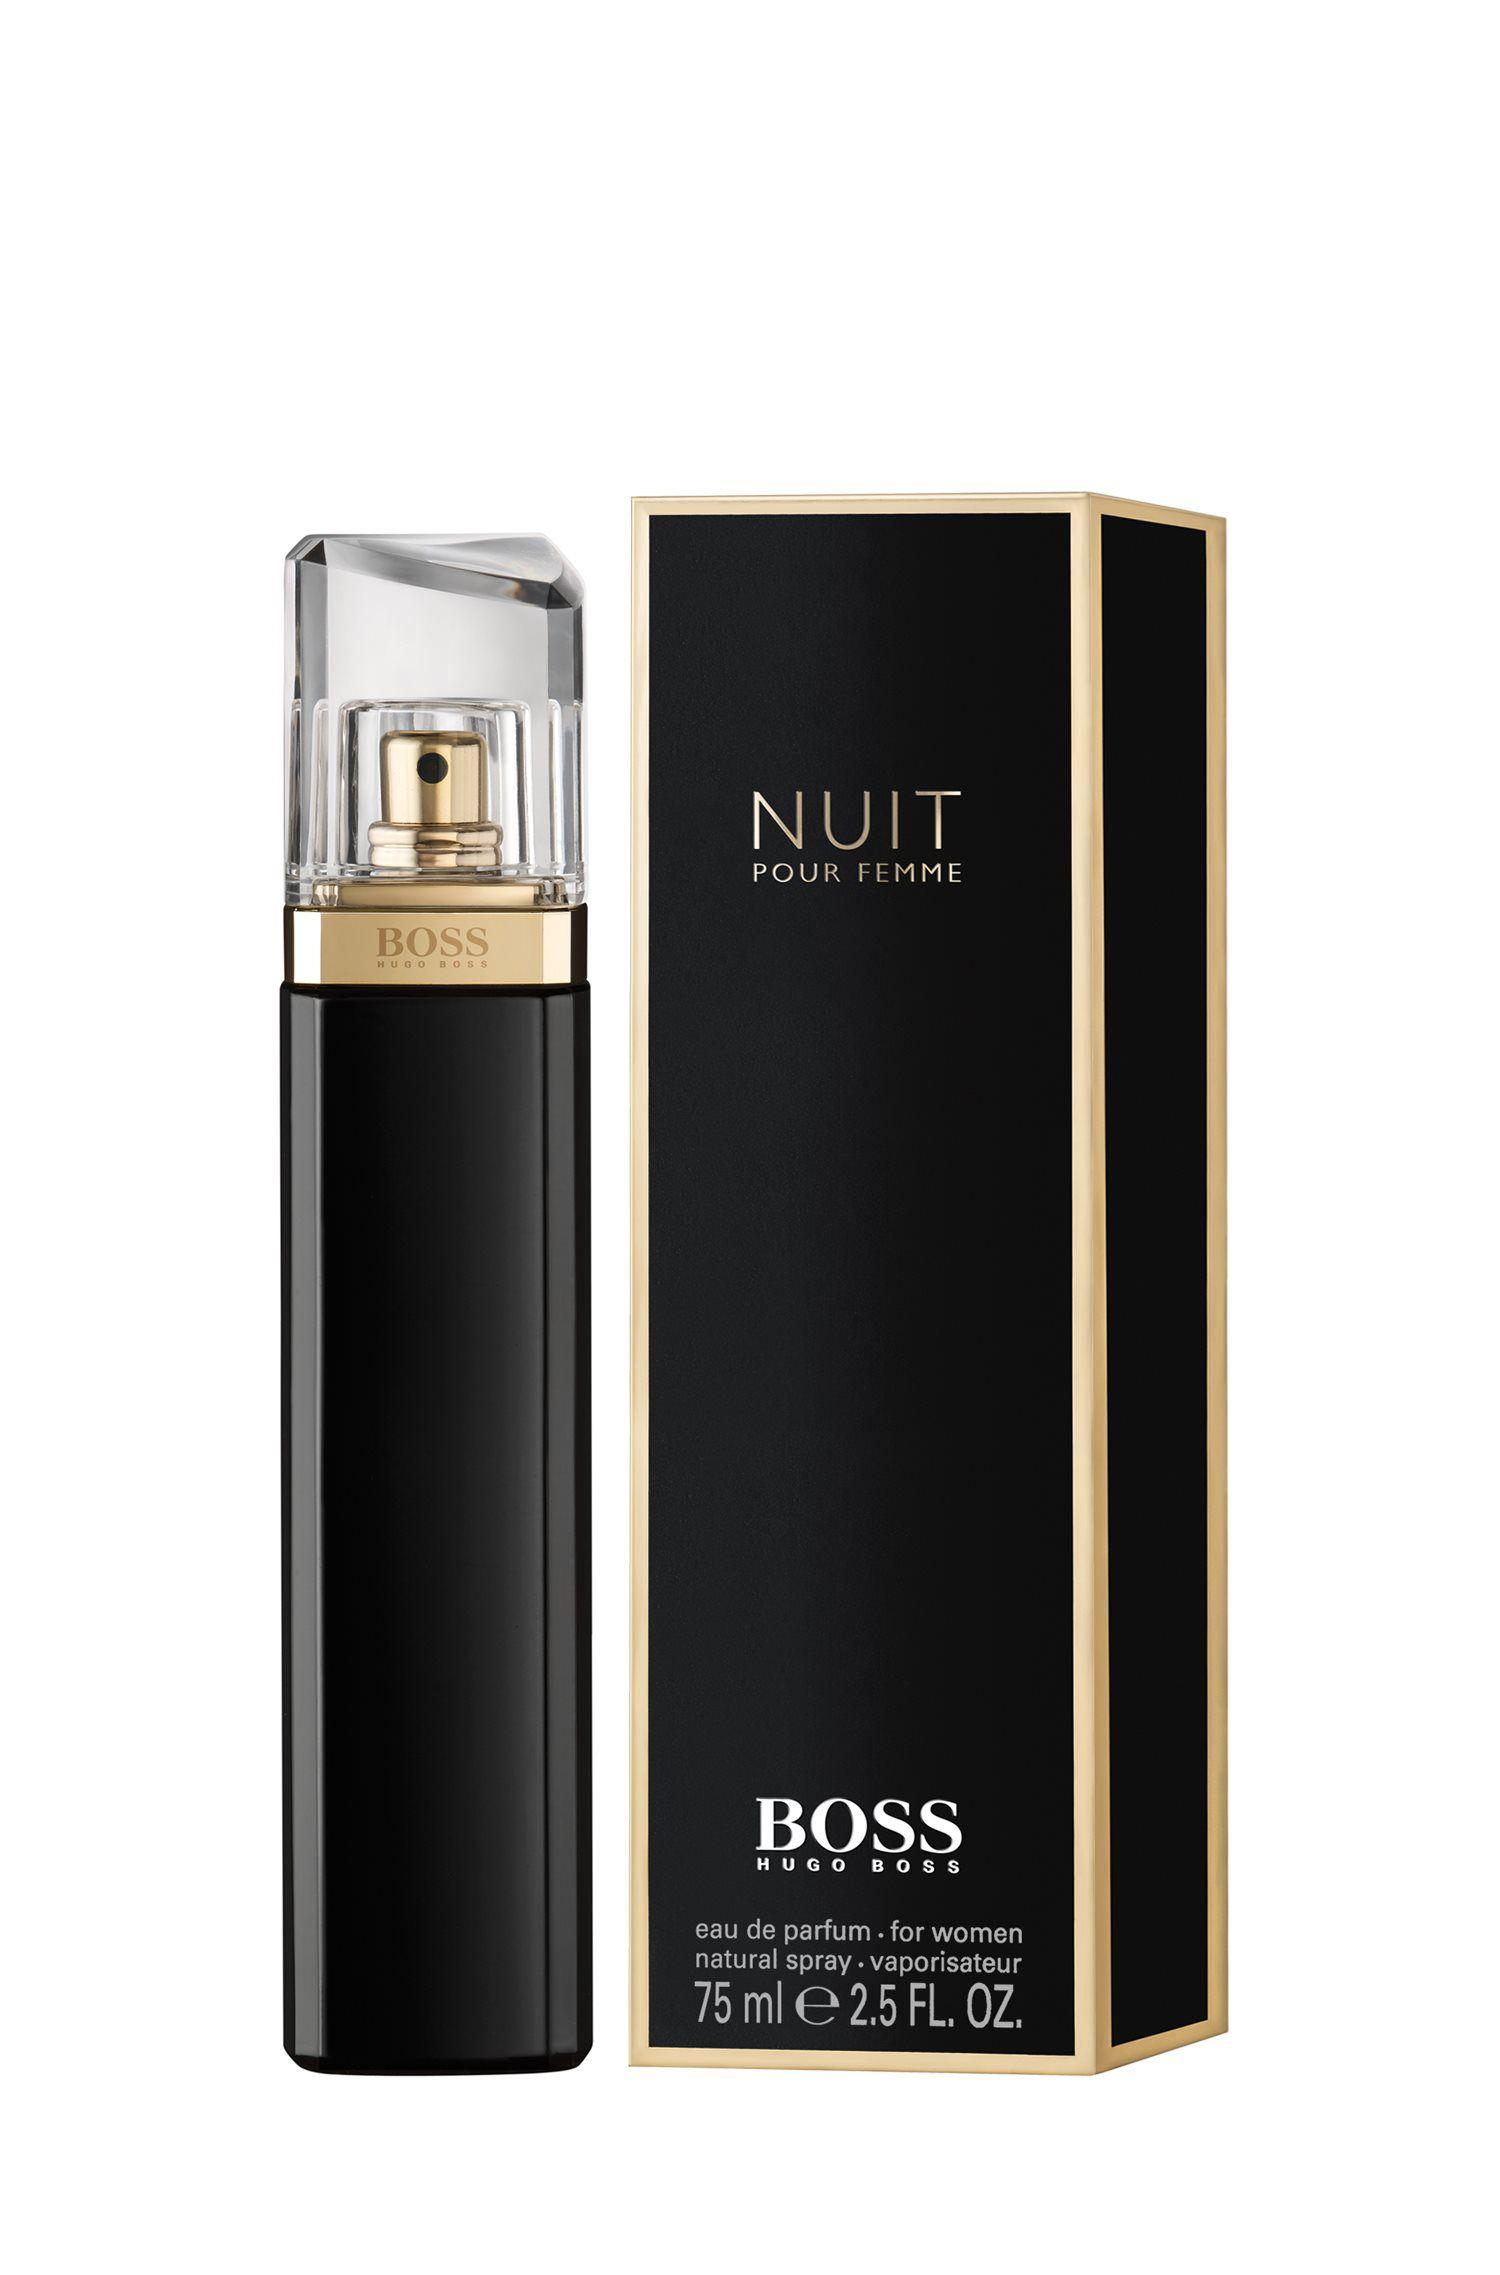 BOSS Nuit pour femme eau de parfum 75ml, Assorted-Pre-Pack